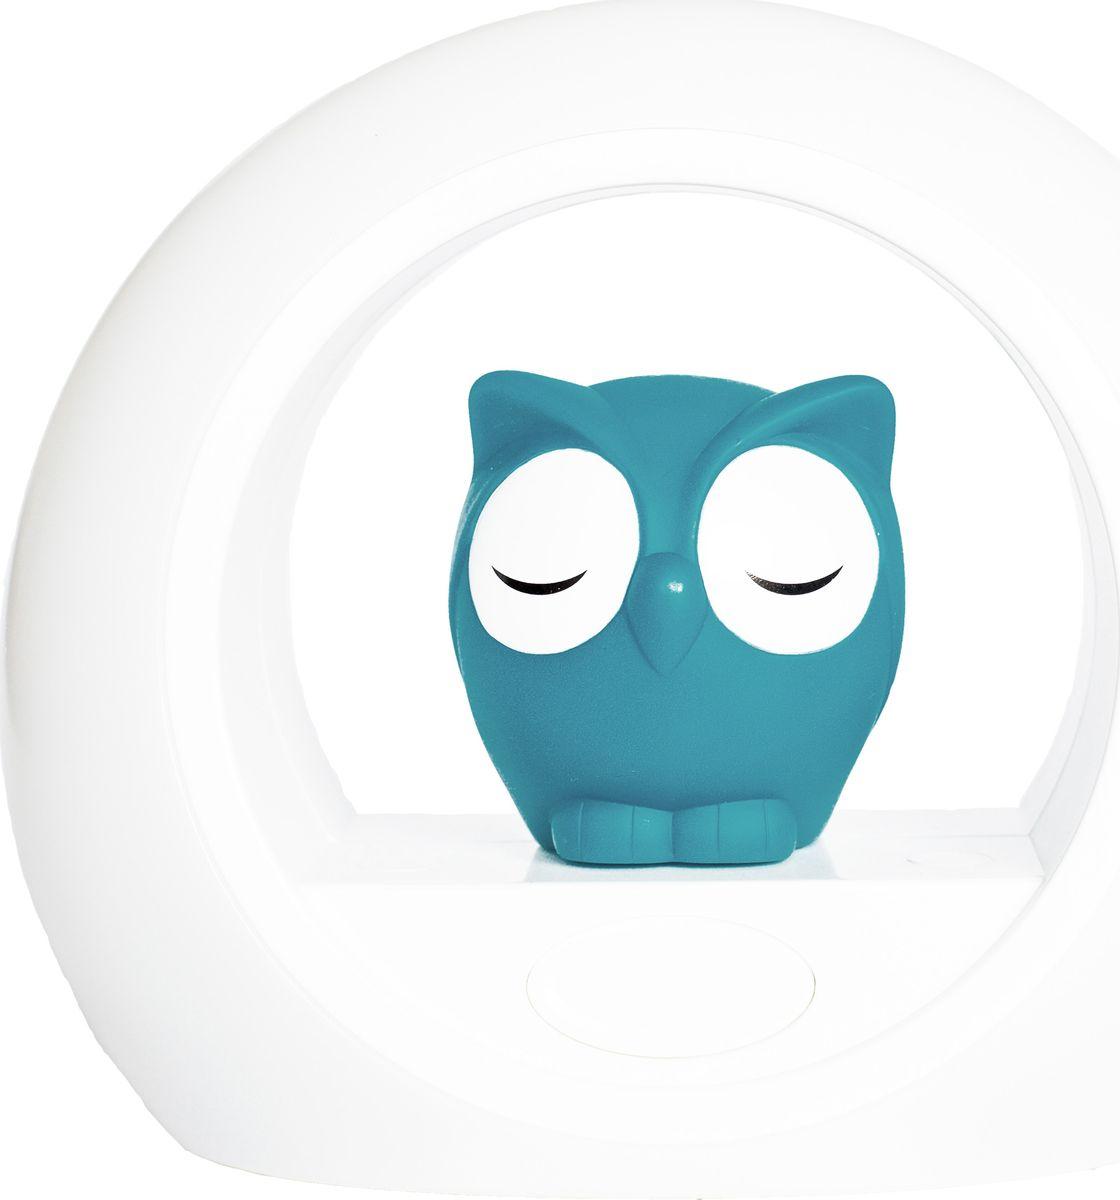 ZAZU Ночник детский Сова Лу цвет синийZA-LOU-02Светильник, включающийся от звука голоса, который помогает успокоить вашего малыша.